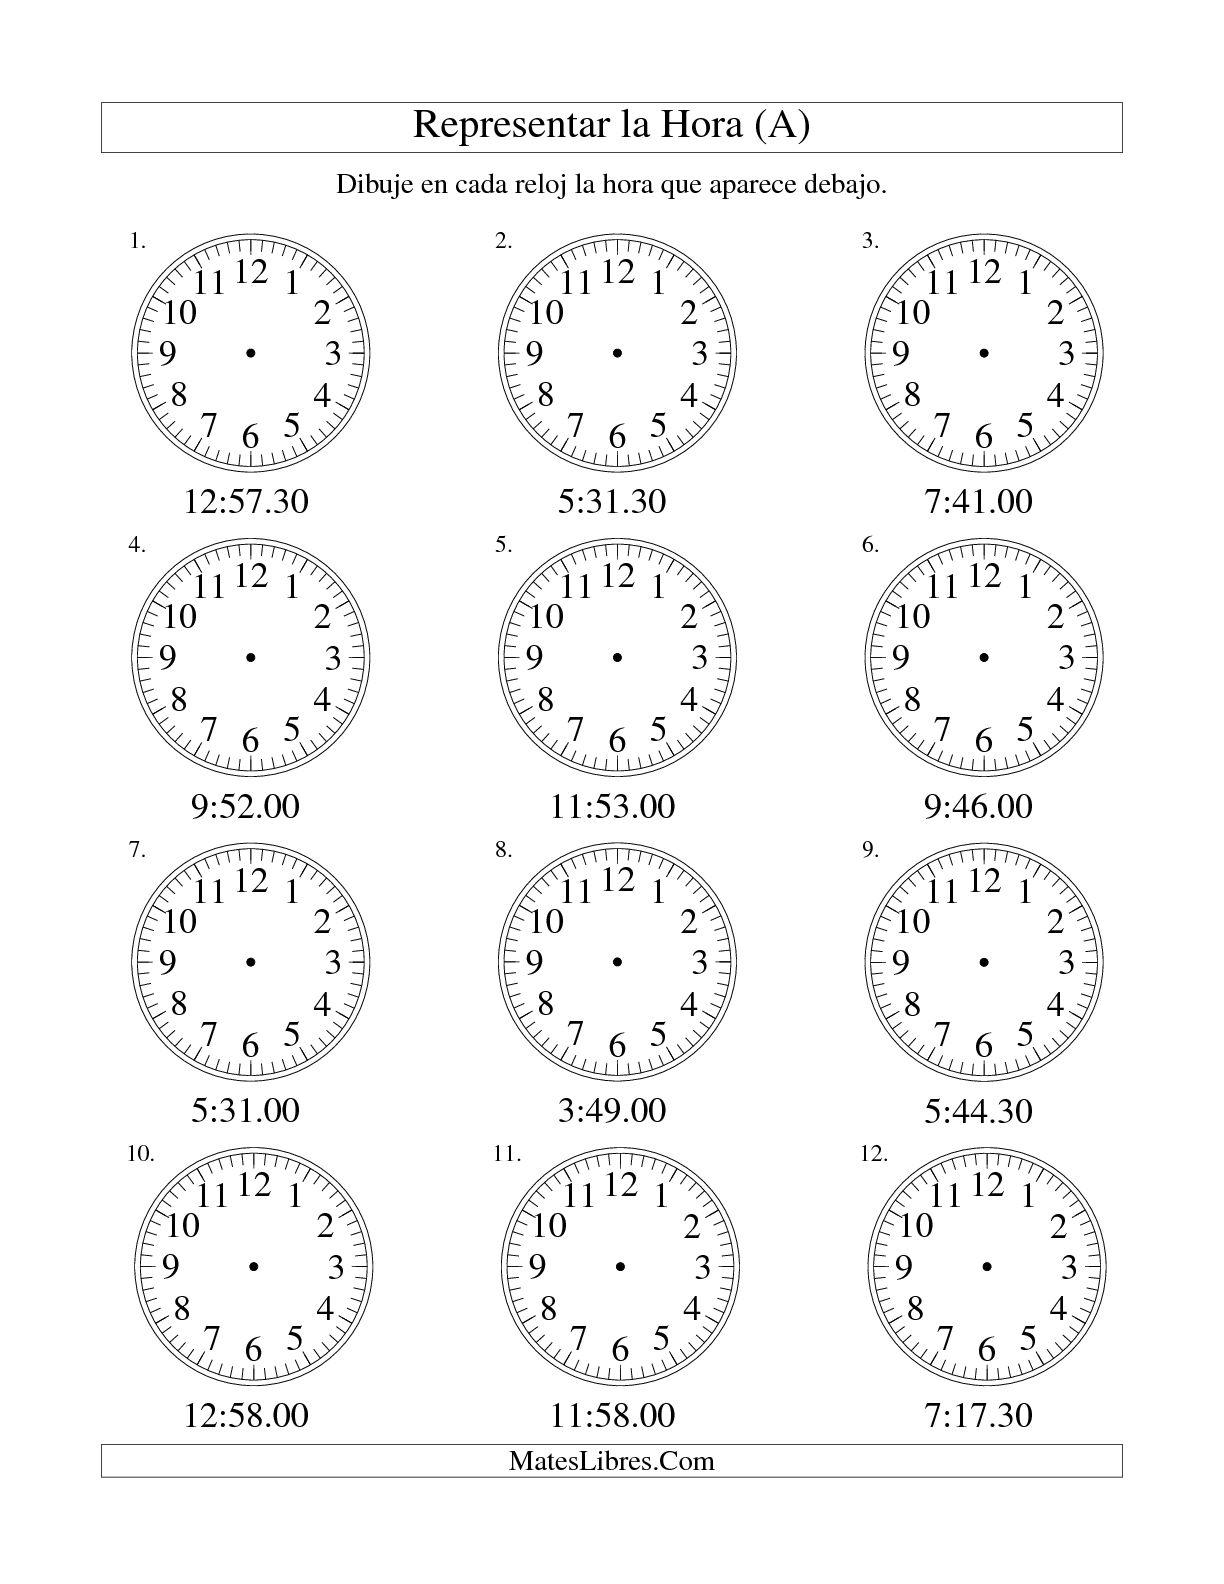 Representar La Hora En Un Relojogico En Intervalos De 30 Segundos A Hoja De Ejercicio De